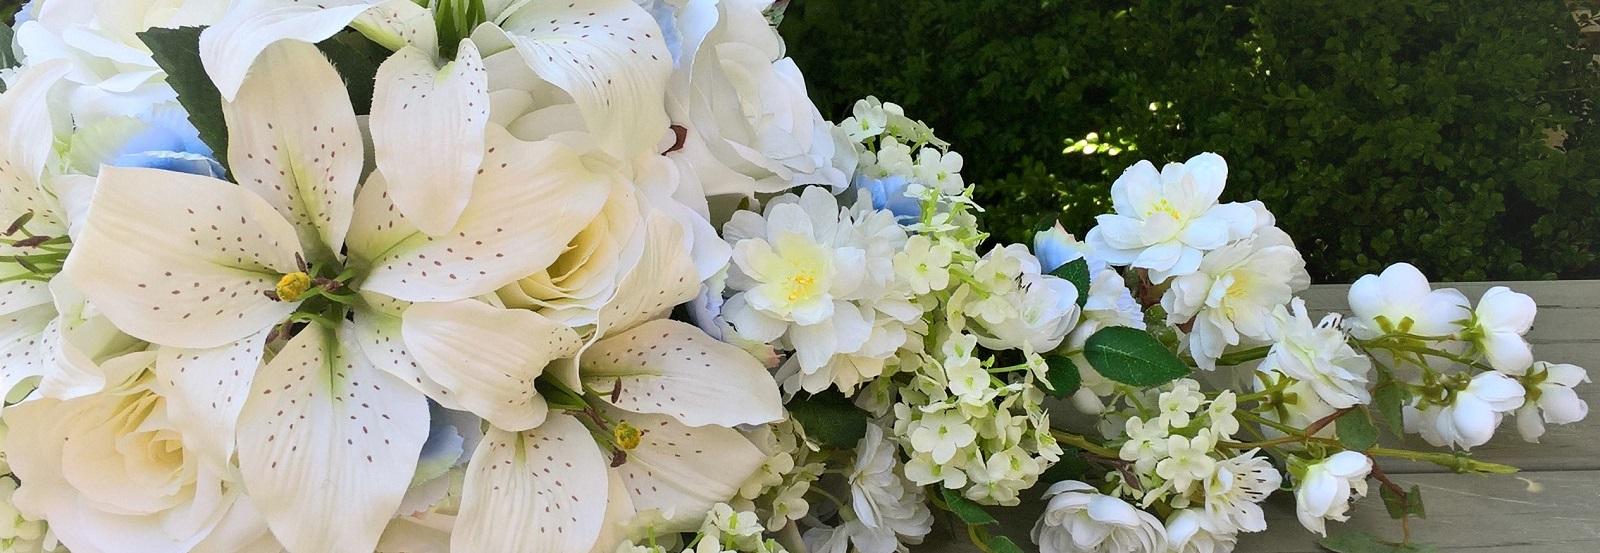 zijdenbruidsboeket denhaag zijde kunstbloemen